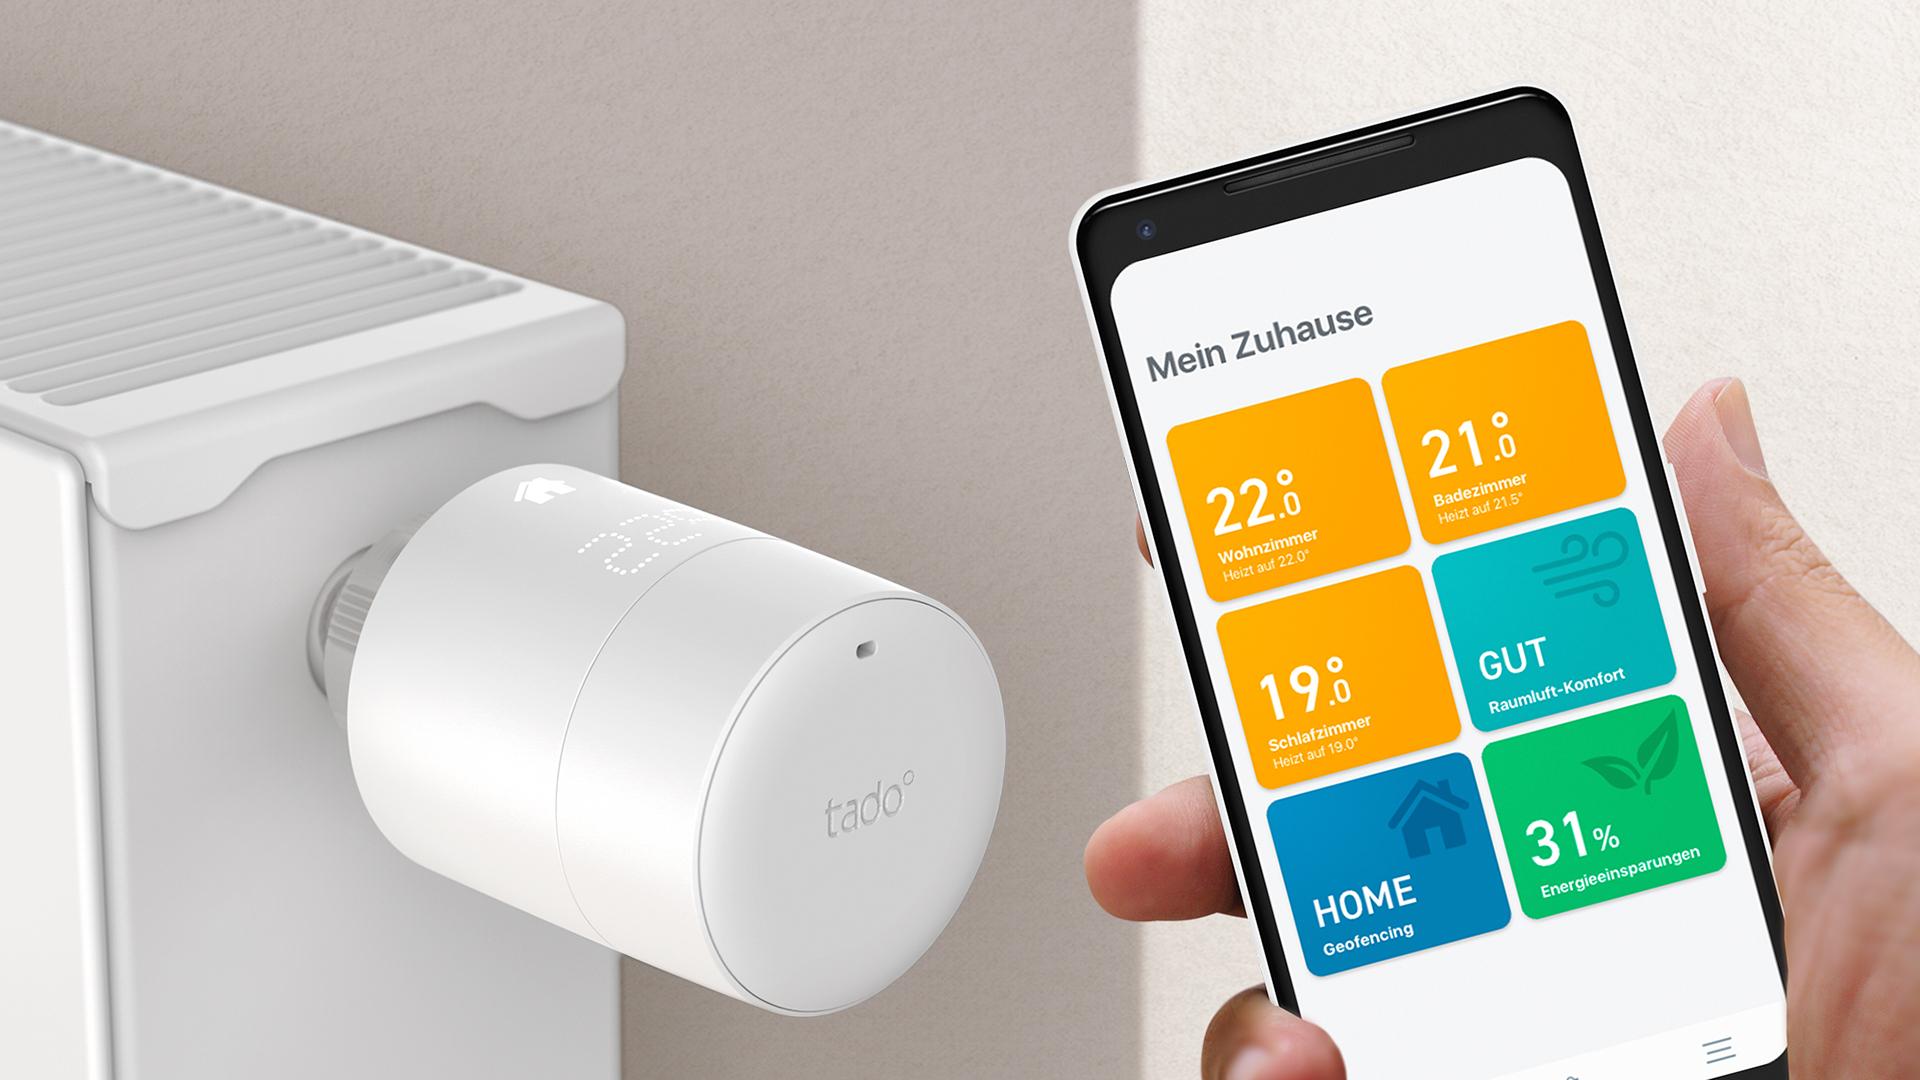 Top 10 Smart Home Gadgets 2019 - tado° Smartes Thermostat V3+ (DigitaleWelt)